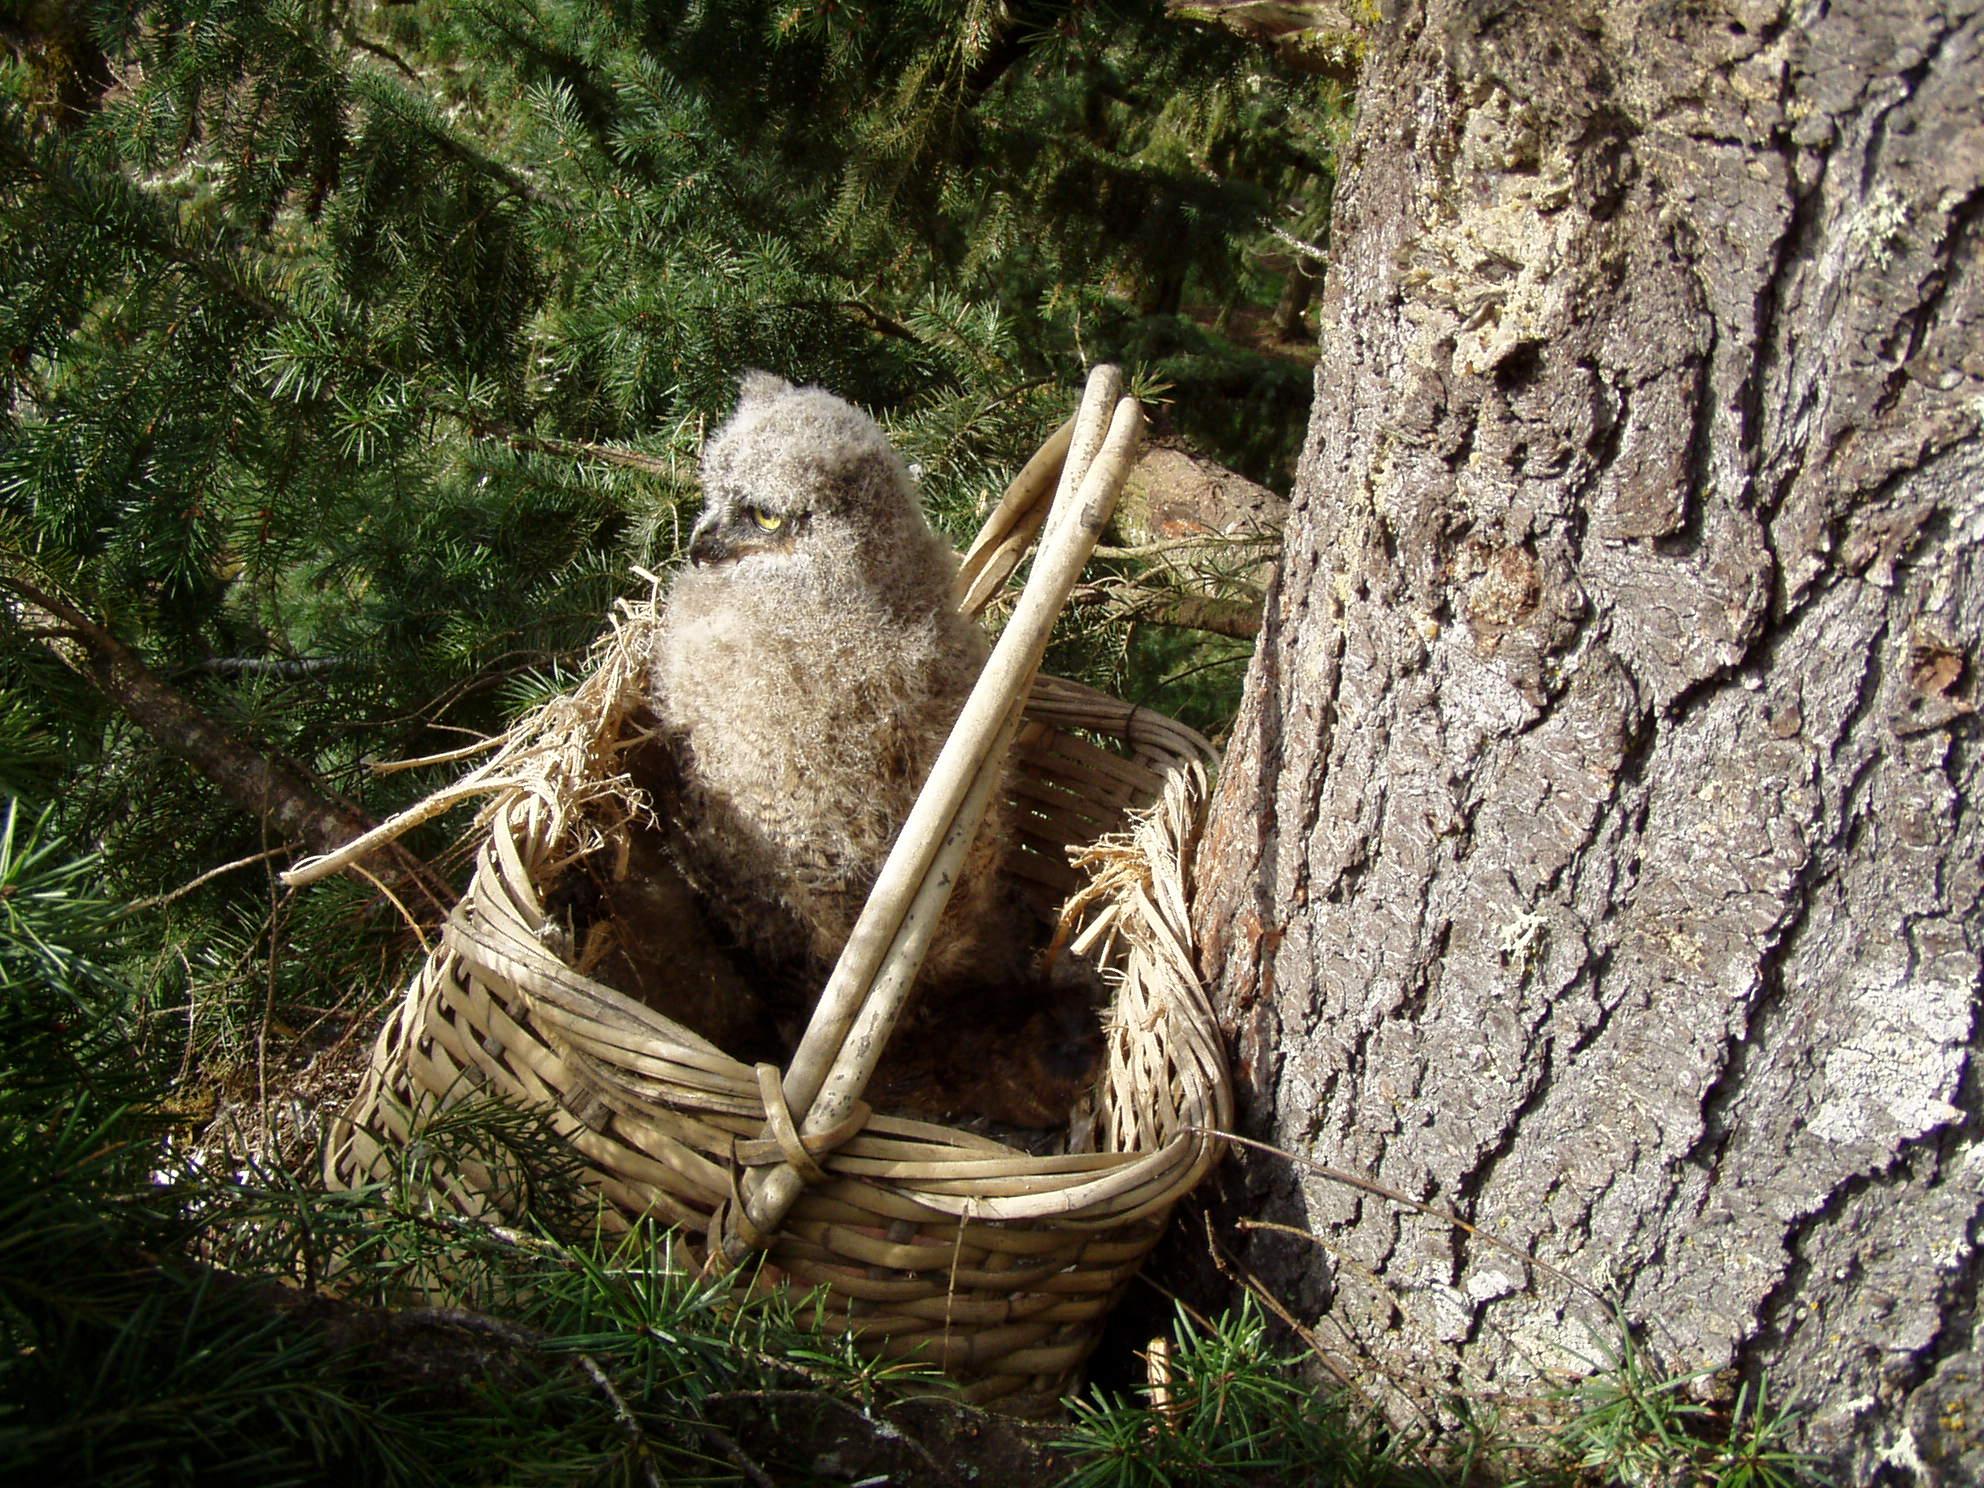 GHOW nestling basket